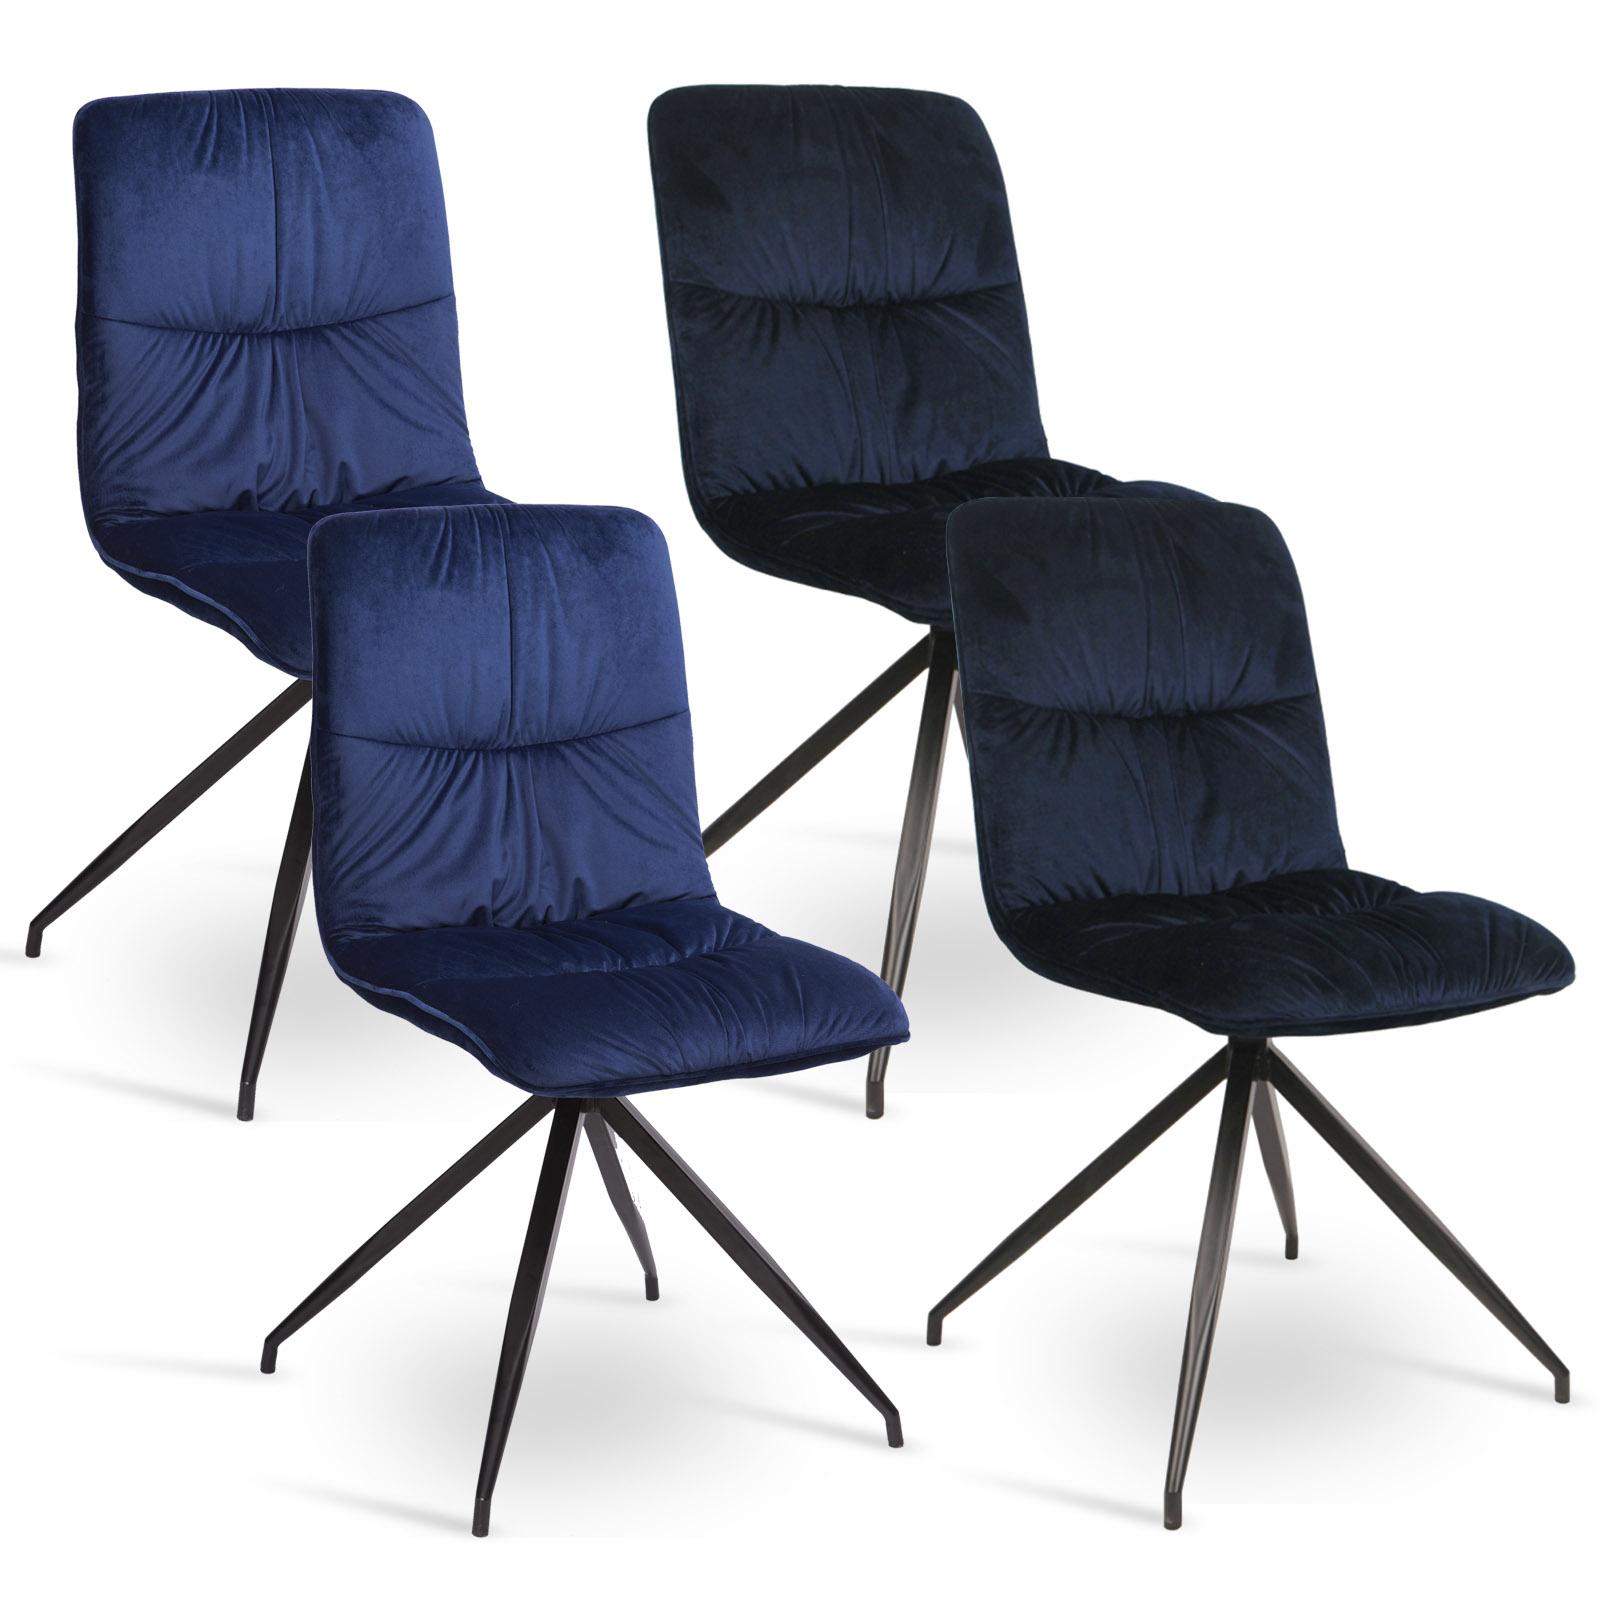 Ziemlich Küchenstuhl Deckt Ikea Galerie - Ideen Für Die Küche ...